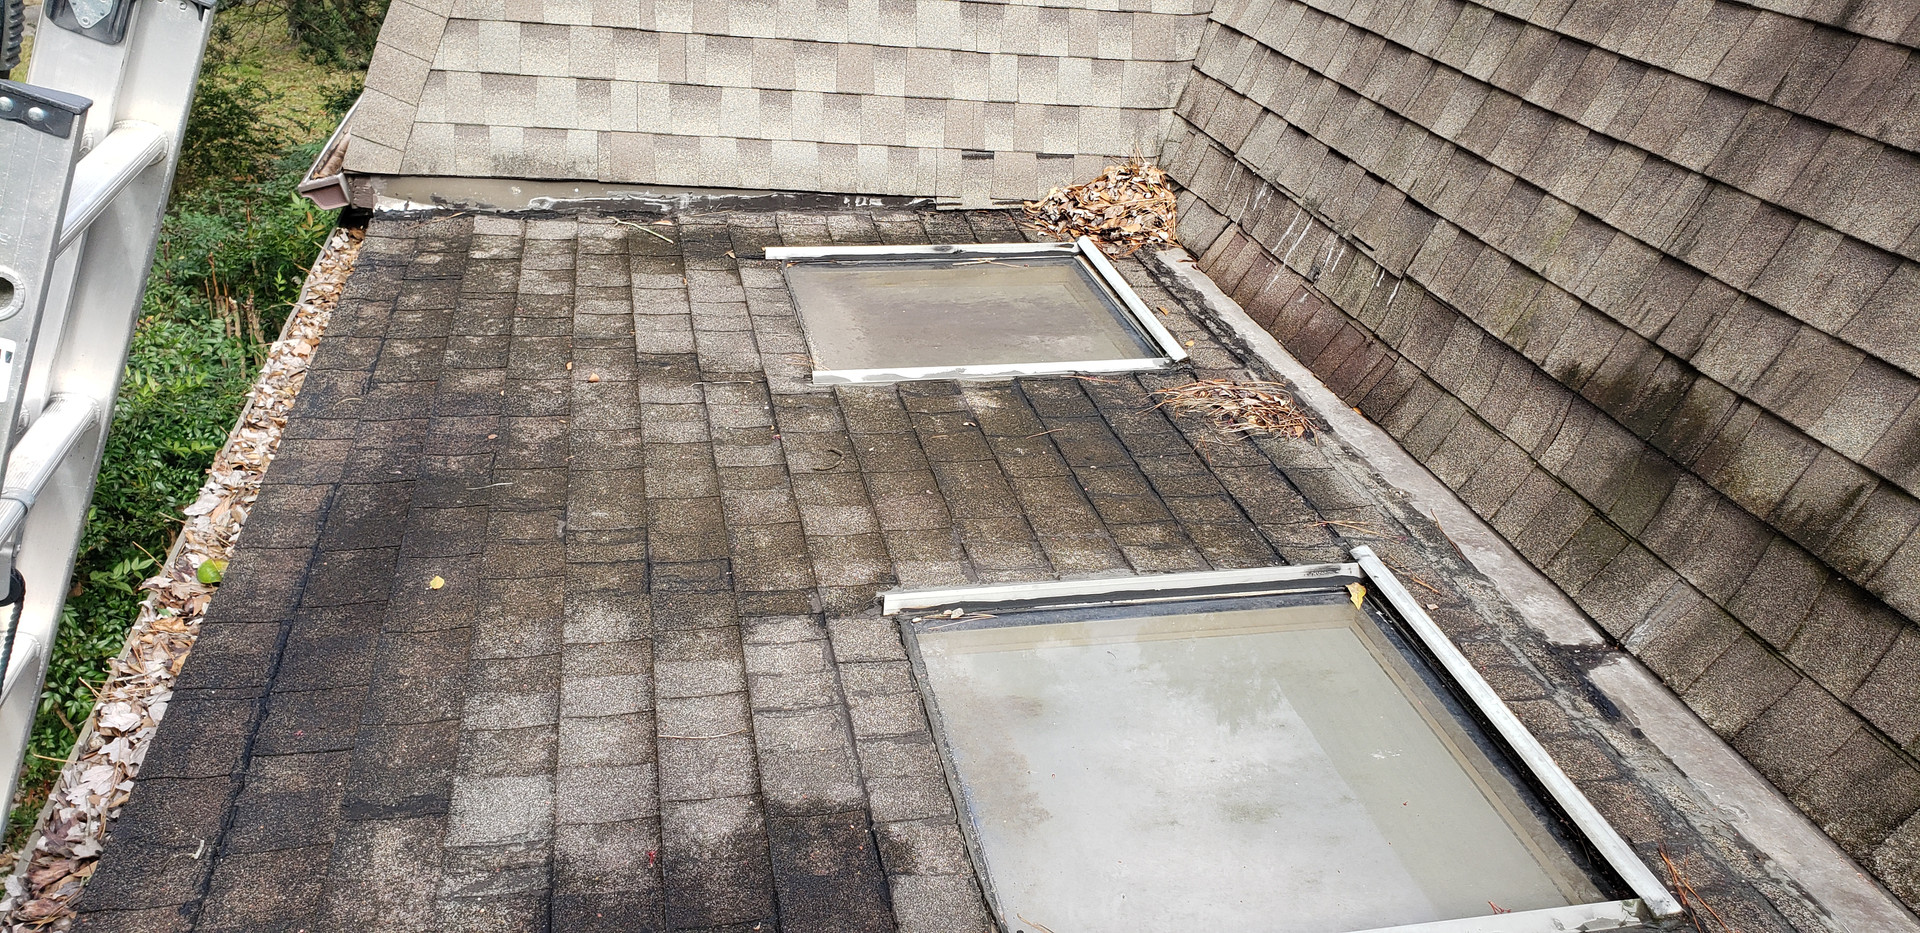 Flat roof repair in conroe, tx